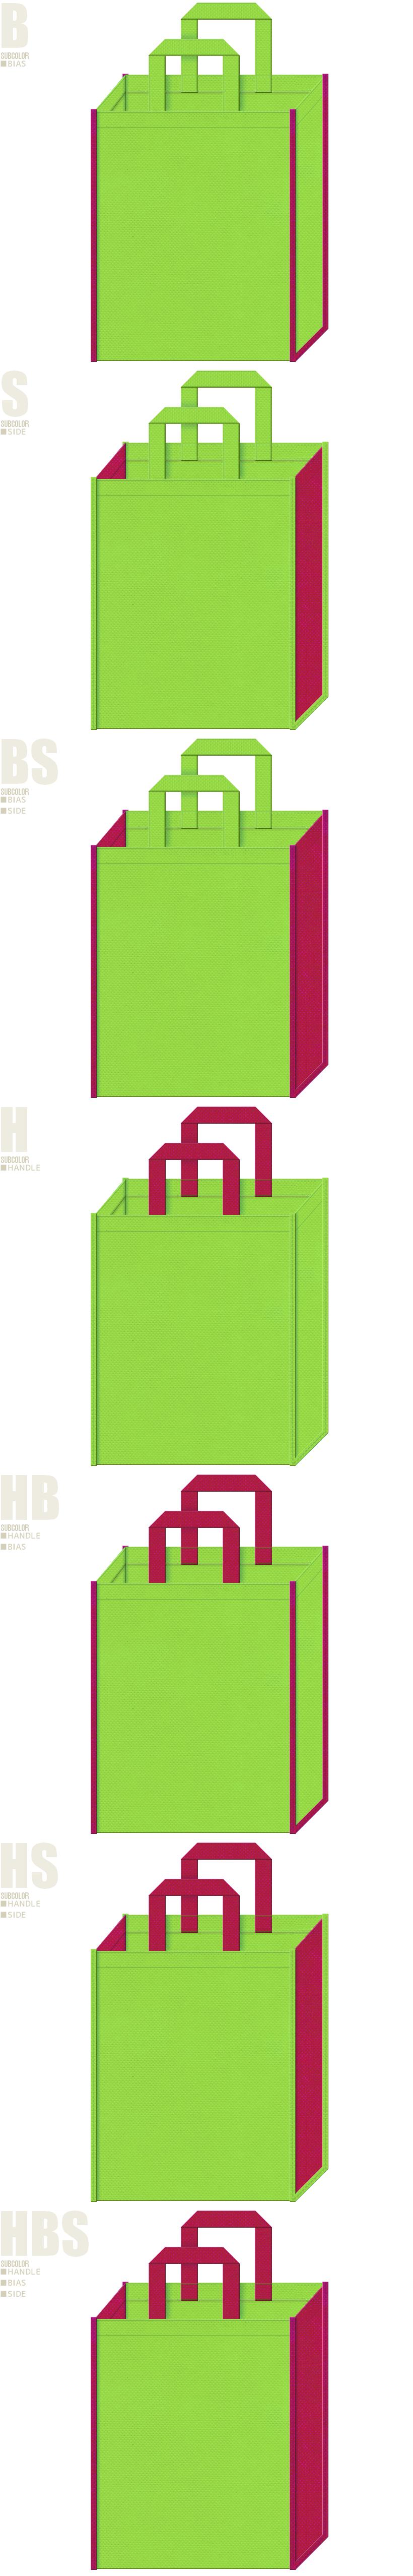 ロールプレイングゲーム・スポーツイベント・ロードレース・ドラゴンフルーツ・南国・トロピカル・カクテル・リゾート・ルアー・トラベルバッグにお奨めの不織布バッグデザイン:黄緑色と濃いピンク色の配色7パターン